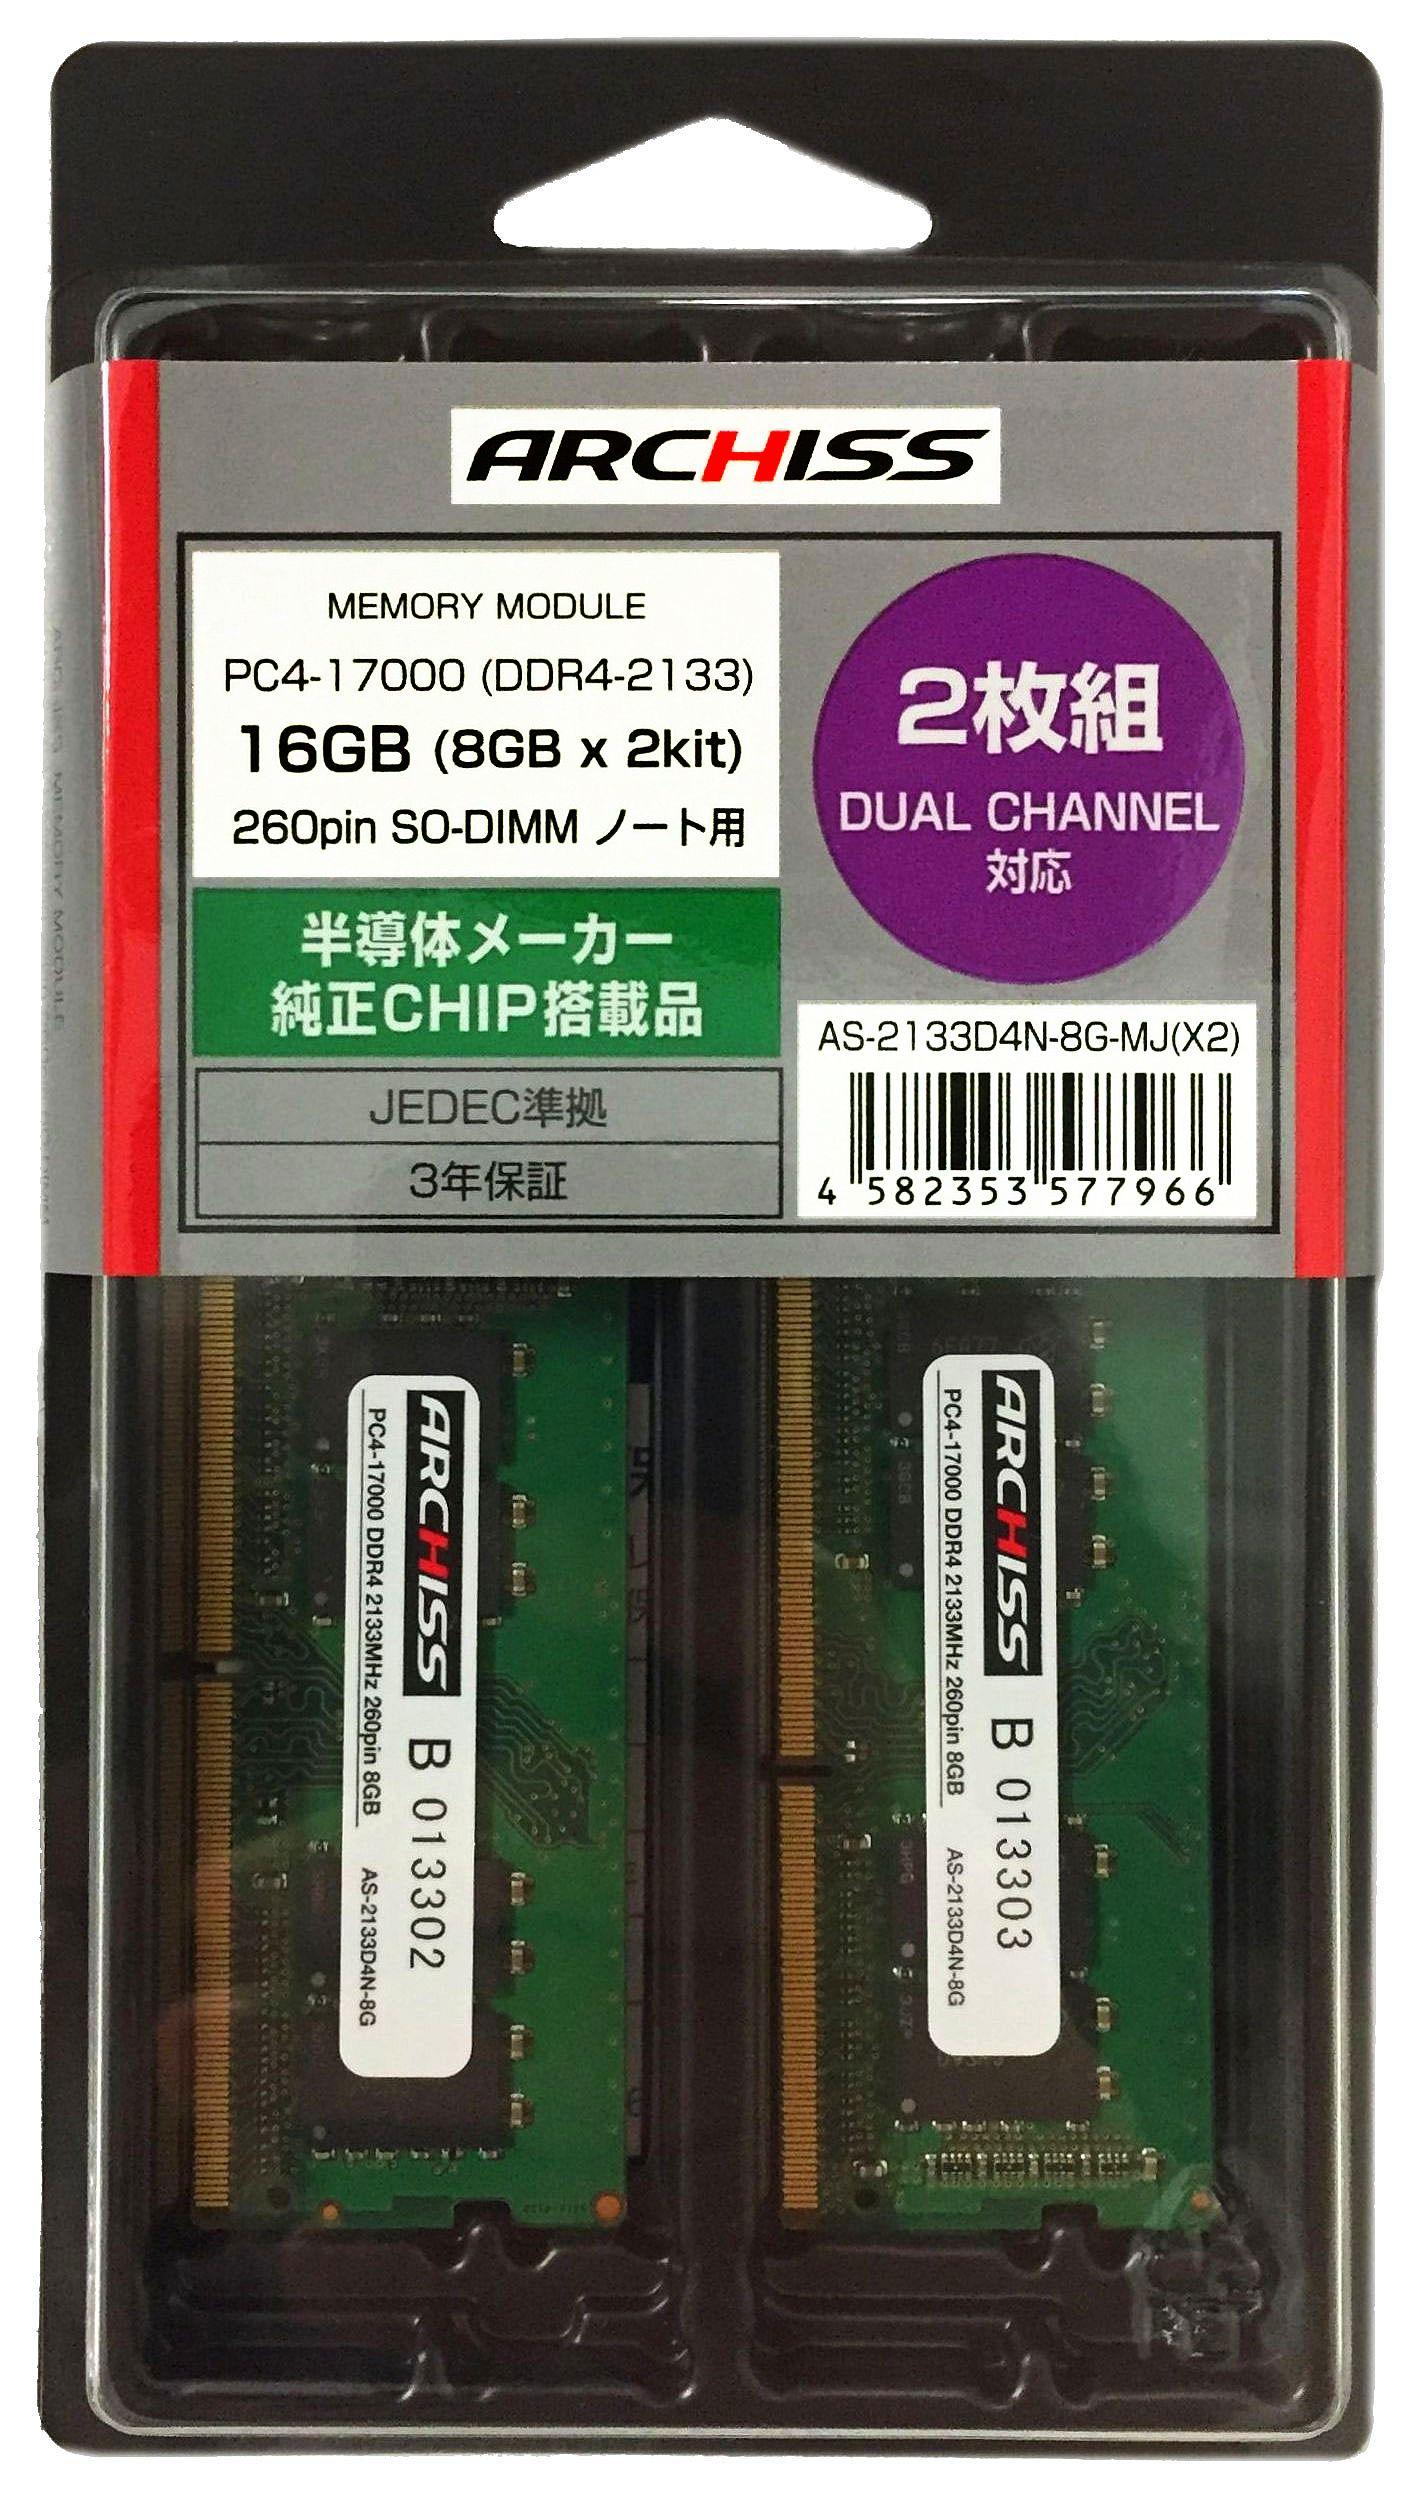 AS-1600D3N-8G-MJ(X2)